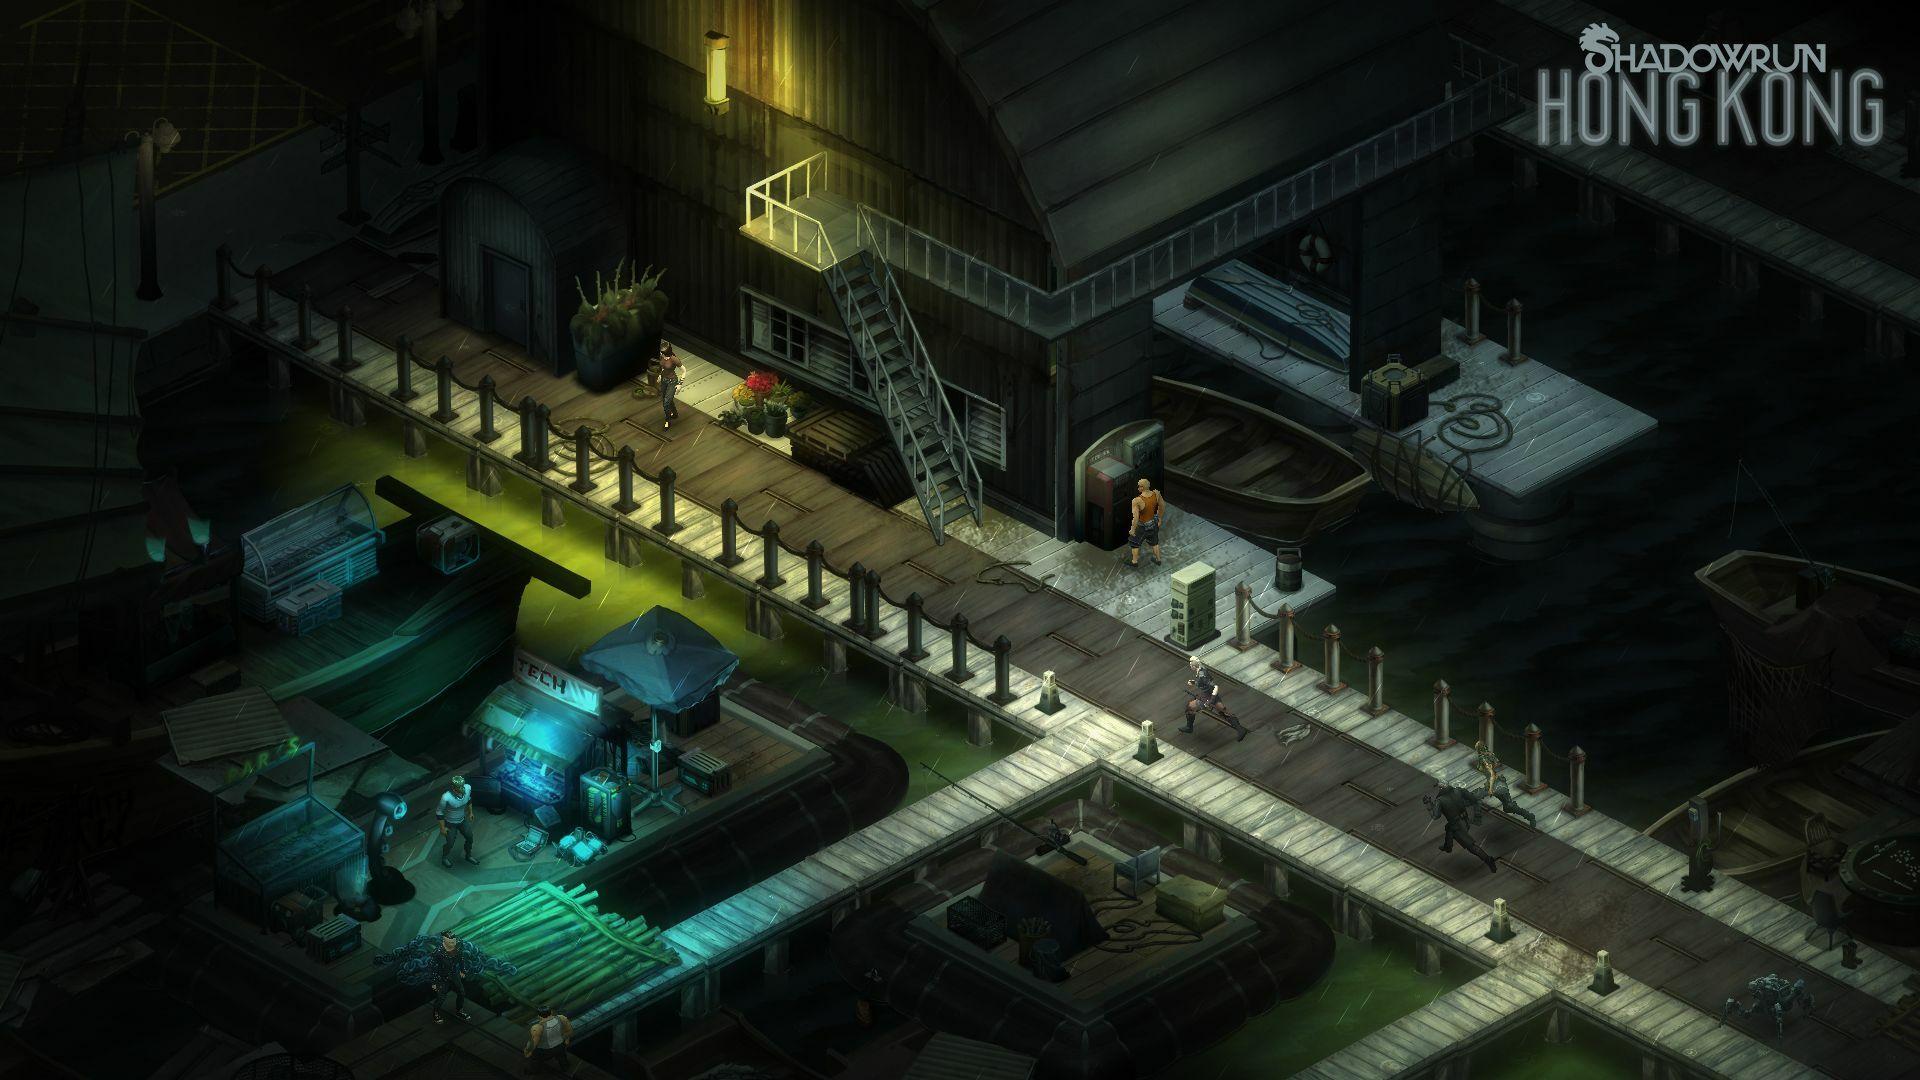 Shadowrun: Hong Kong - Extended Edition screenshot 1